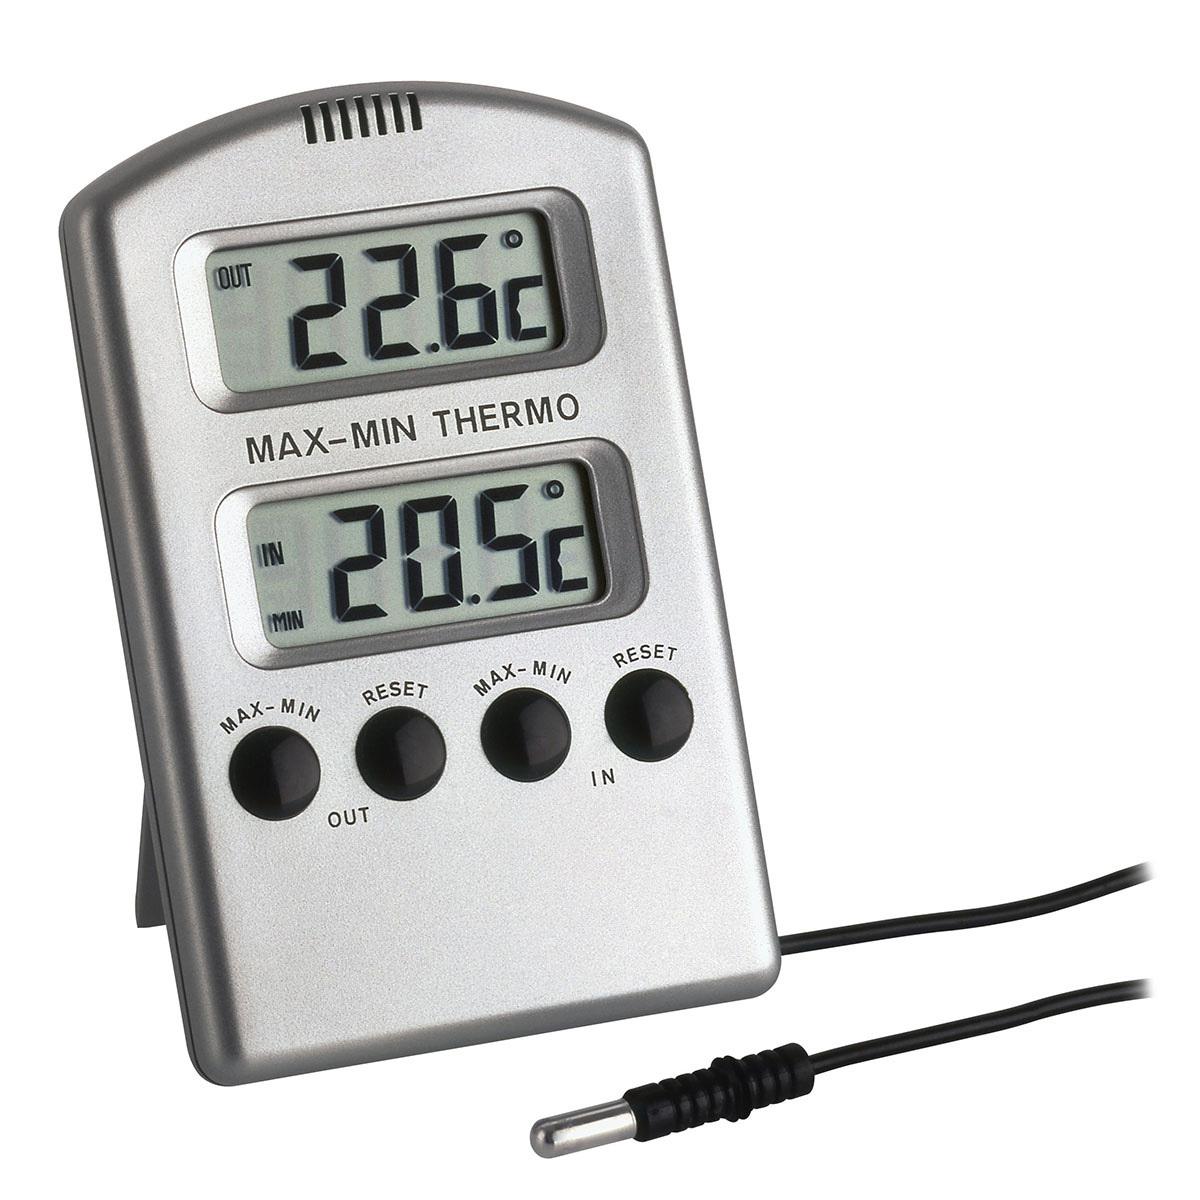 30-1020-digitales-innen-aussen-thermometer-1200x1200px.jpg